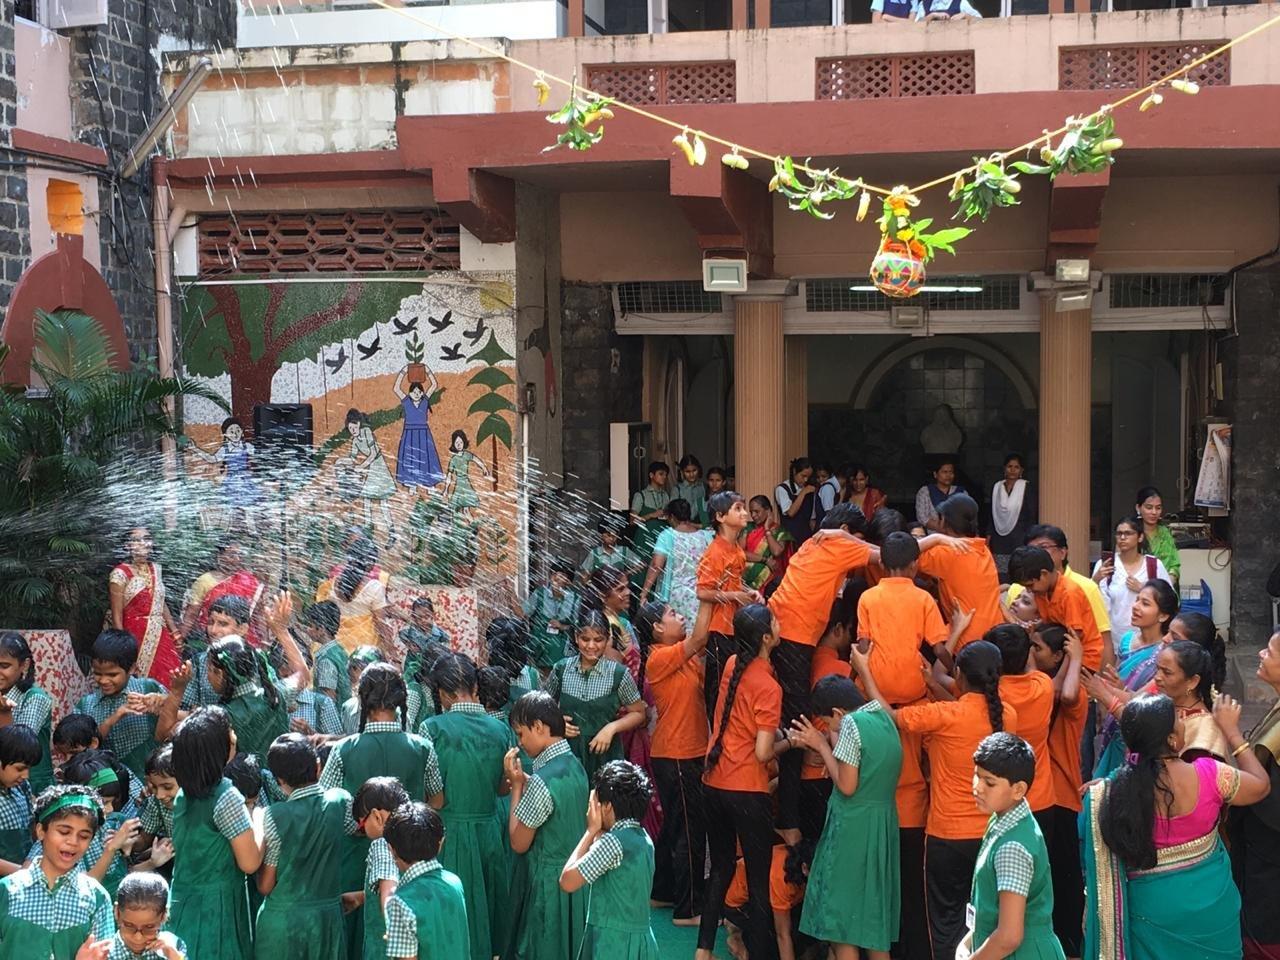 नेत्रहीन छात्रों ने मनाई दही हांडी